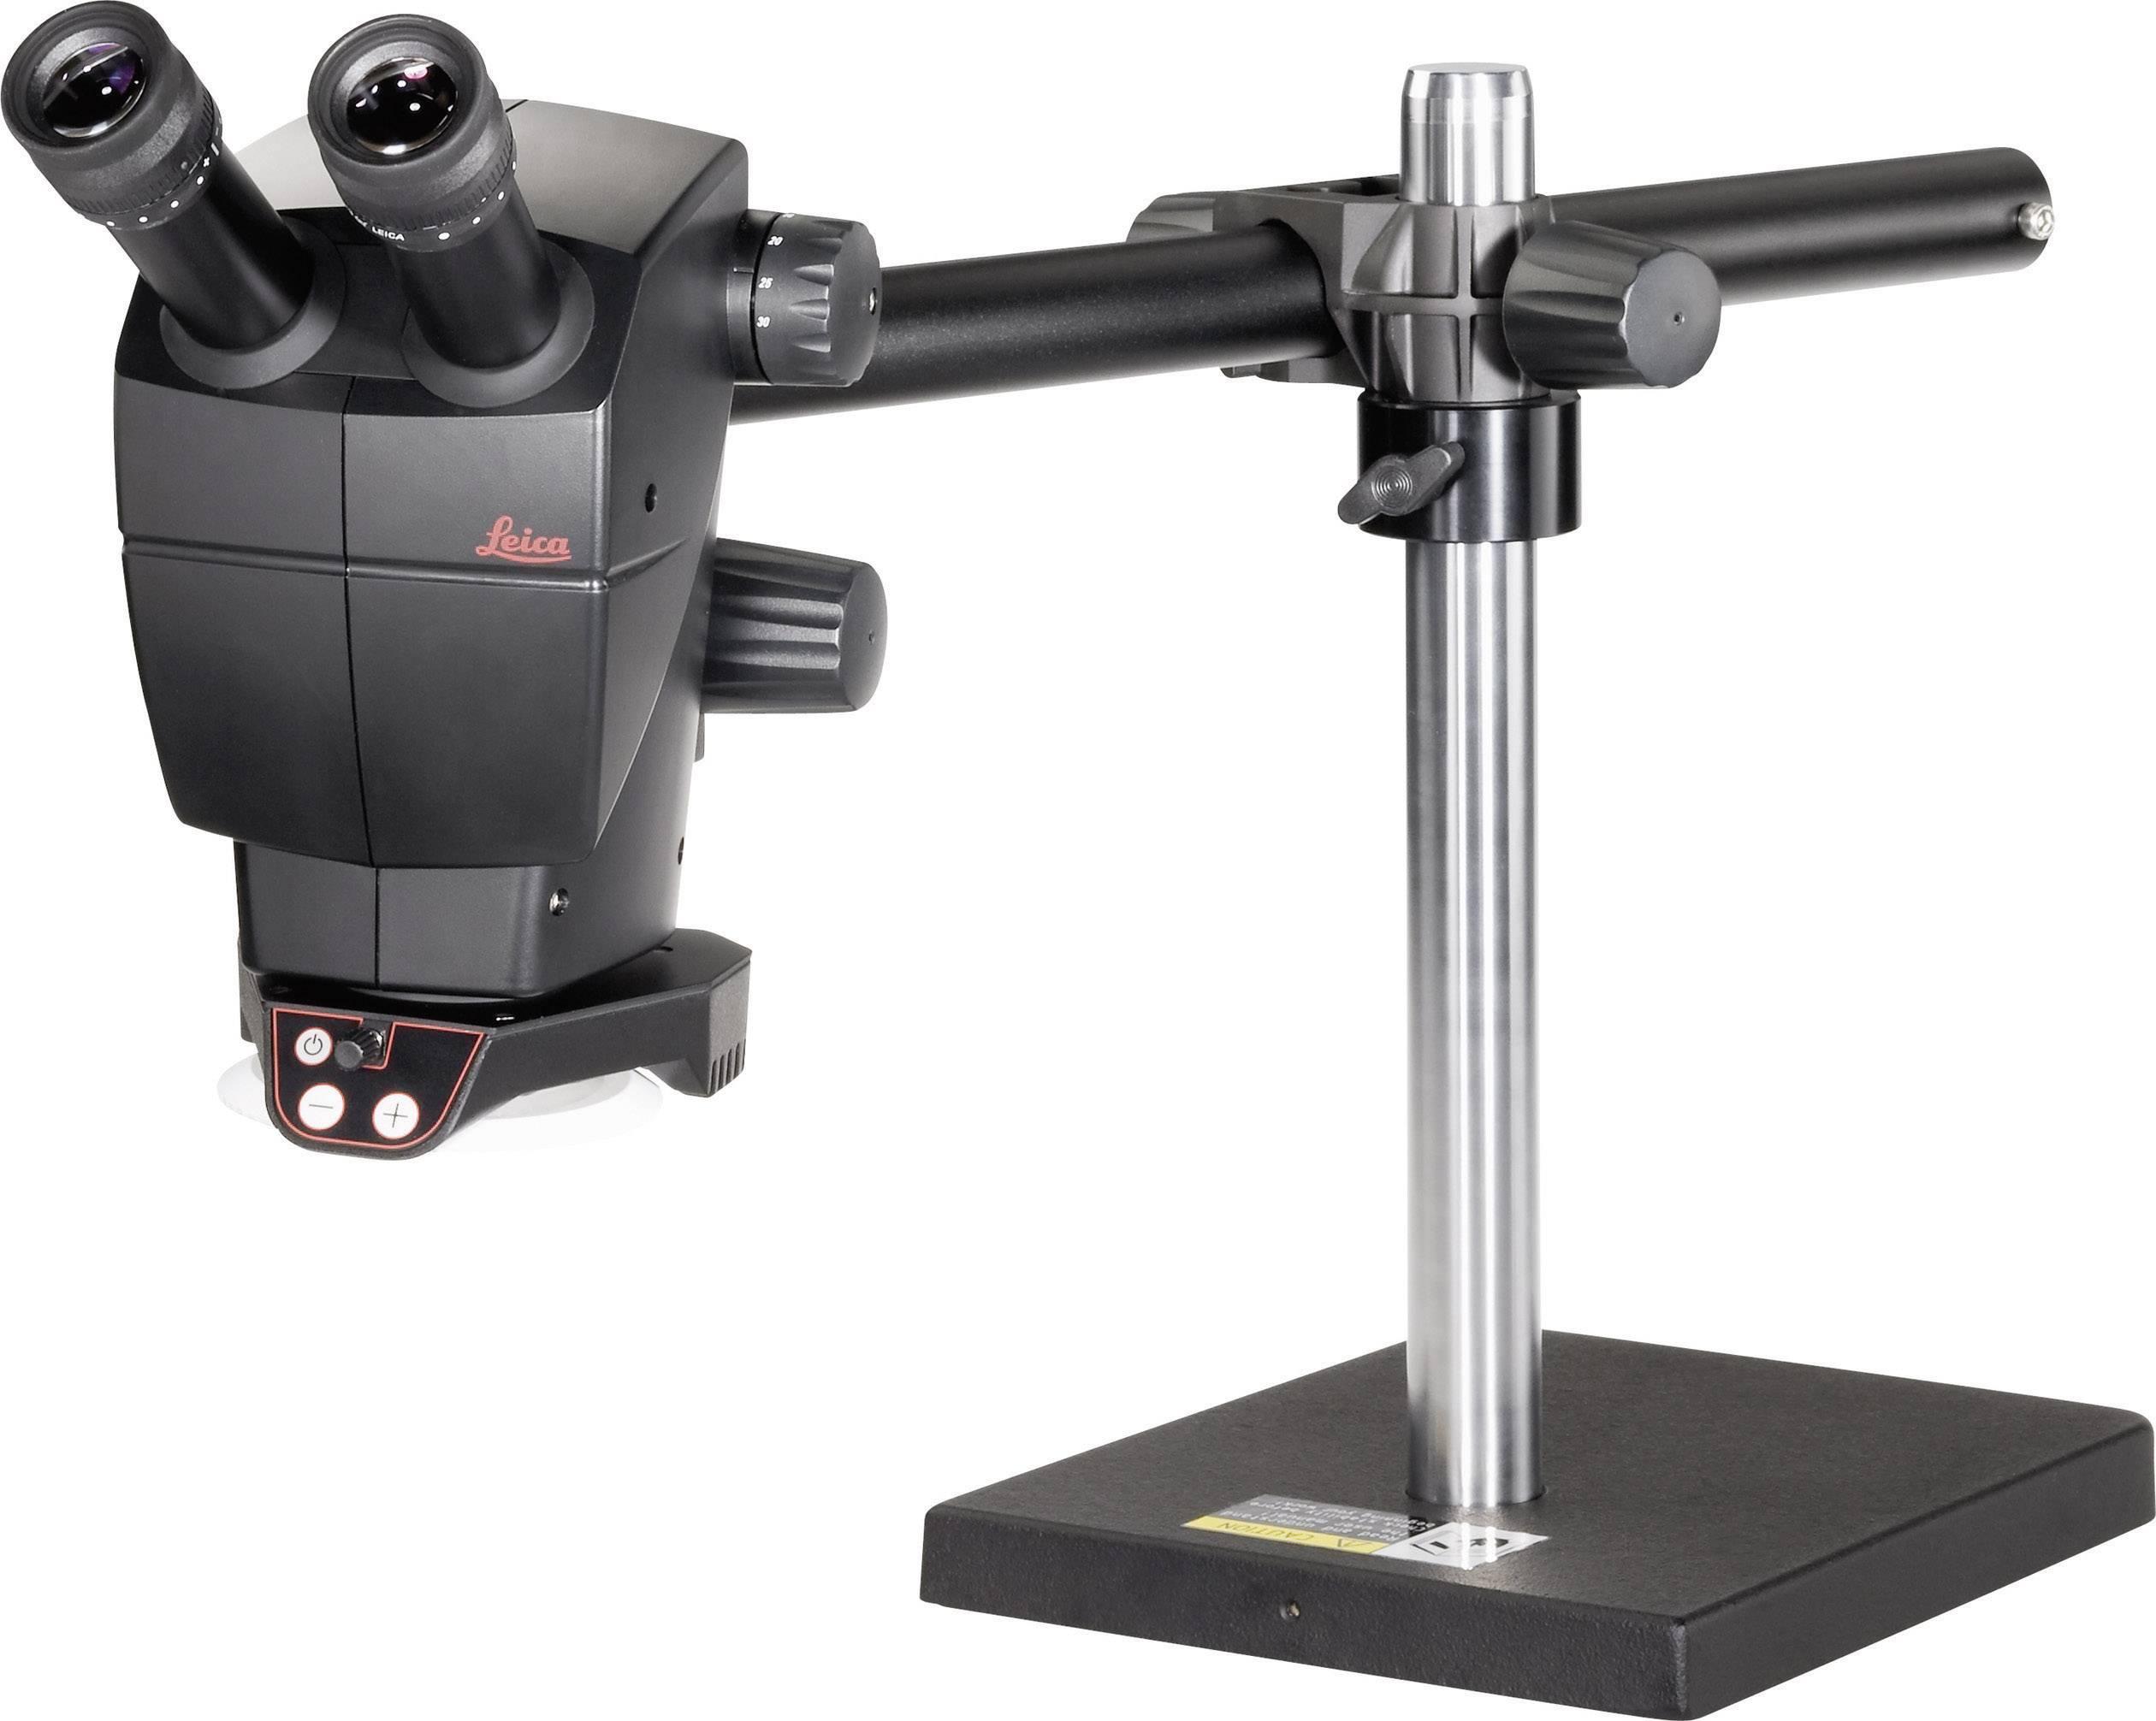 Stereomikroskop s otočným ramenom Leica A60 S, 10450310